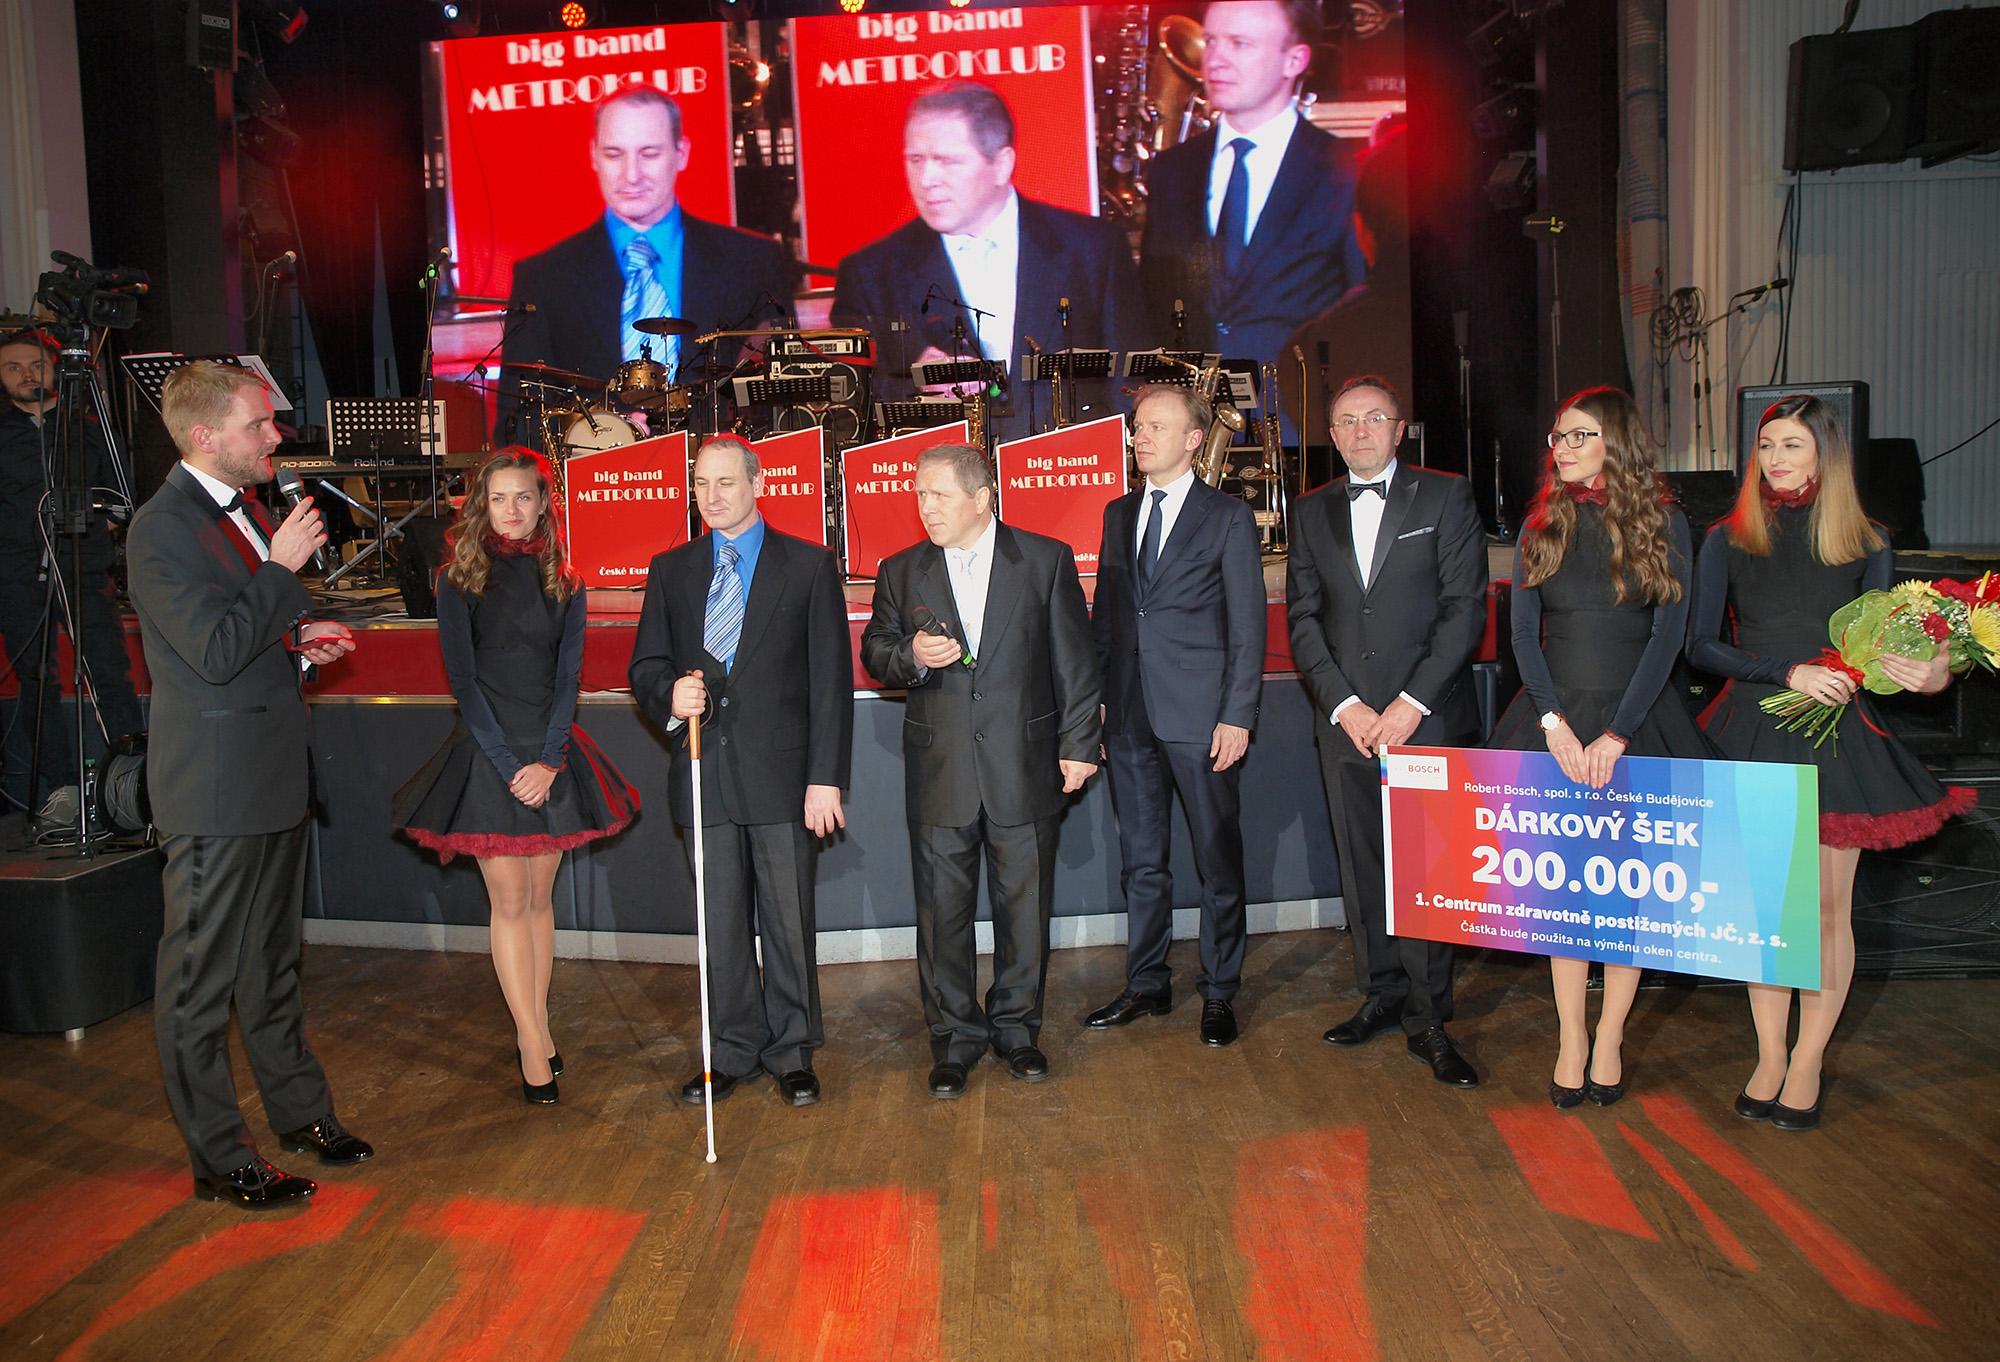 Robert Bosch, spol. s r.o. darem ve výši 200 000 korun podpořila 1. Centrum zdravotně postižených jižních Čech, o. s.